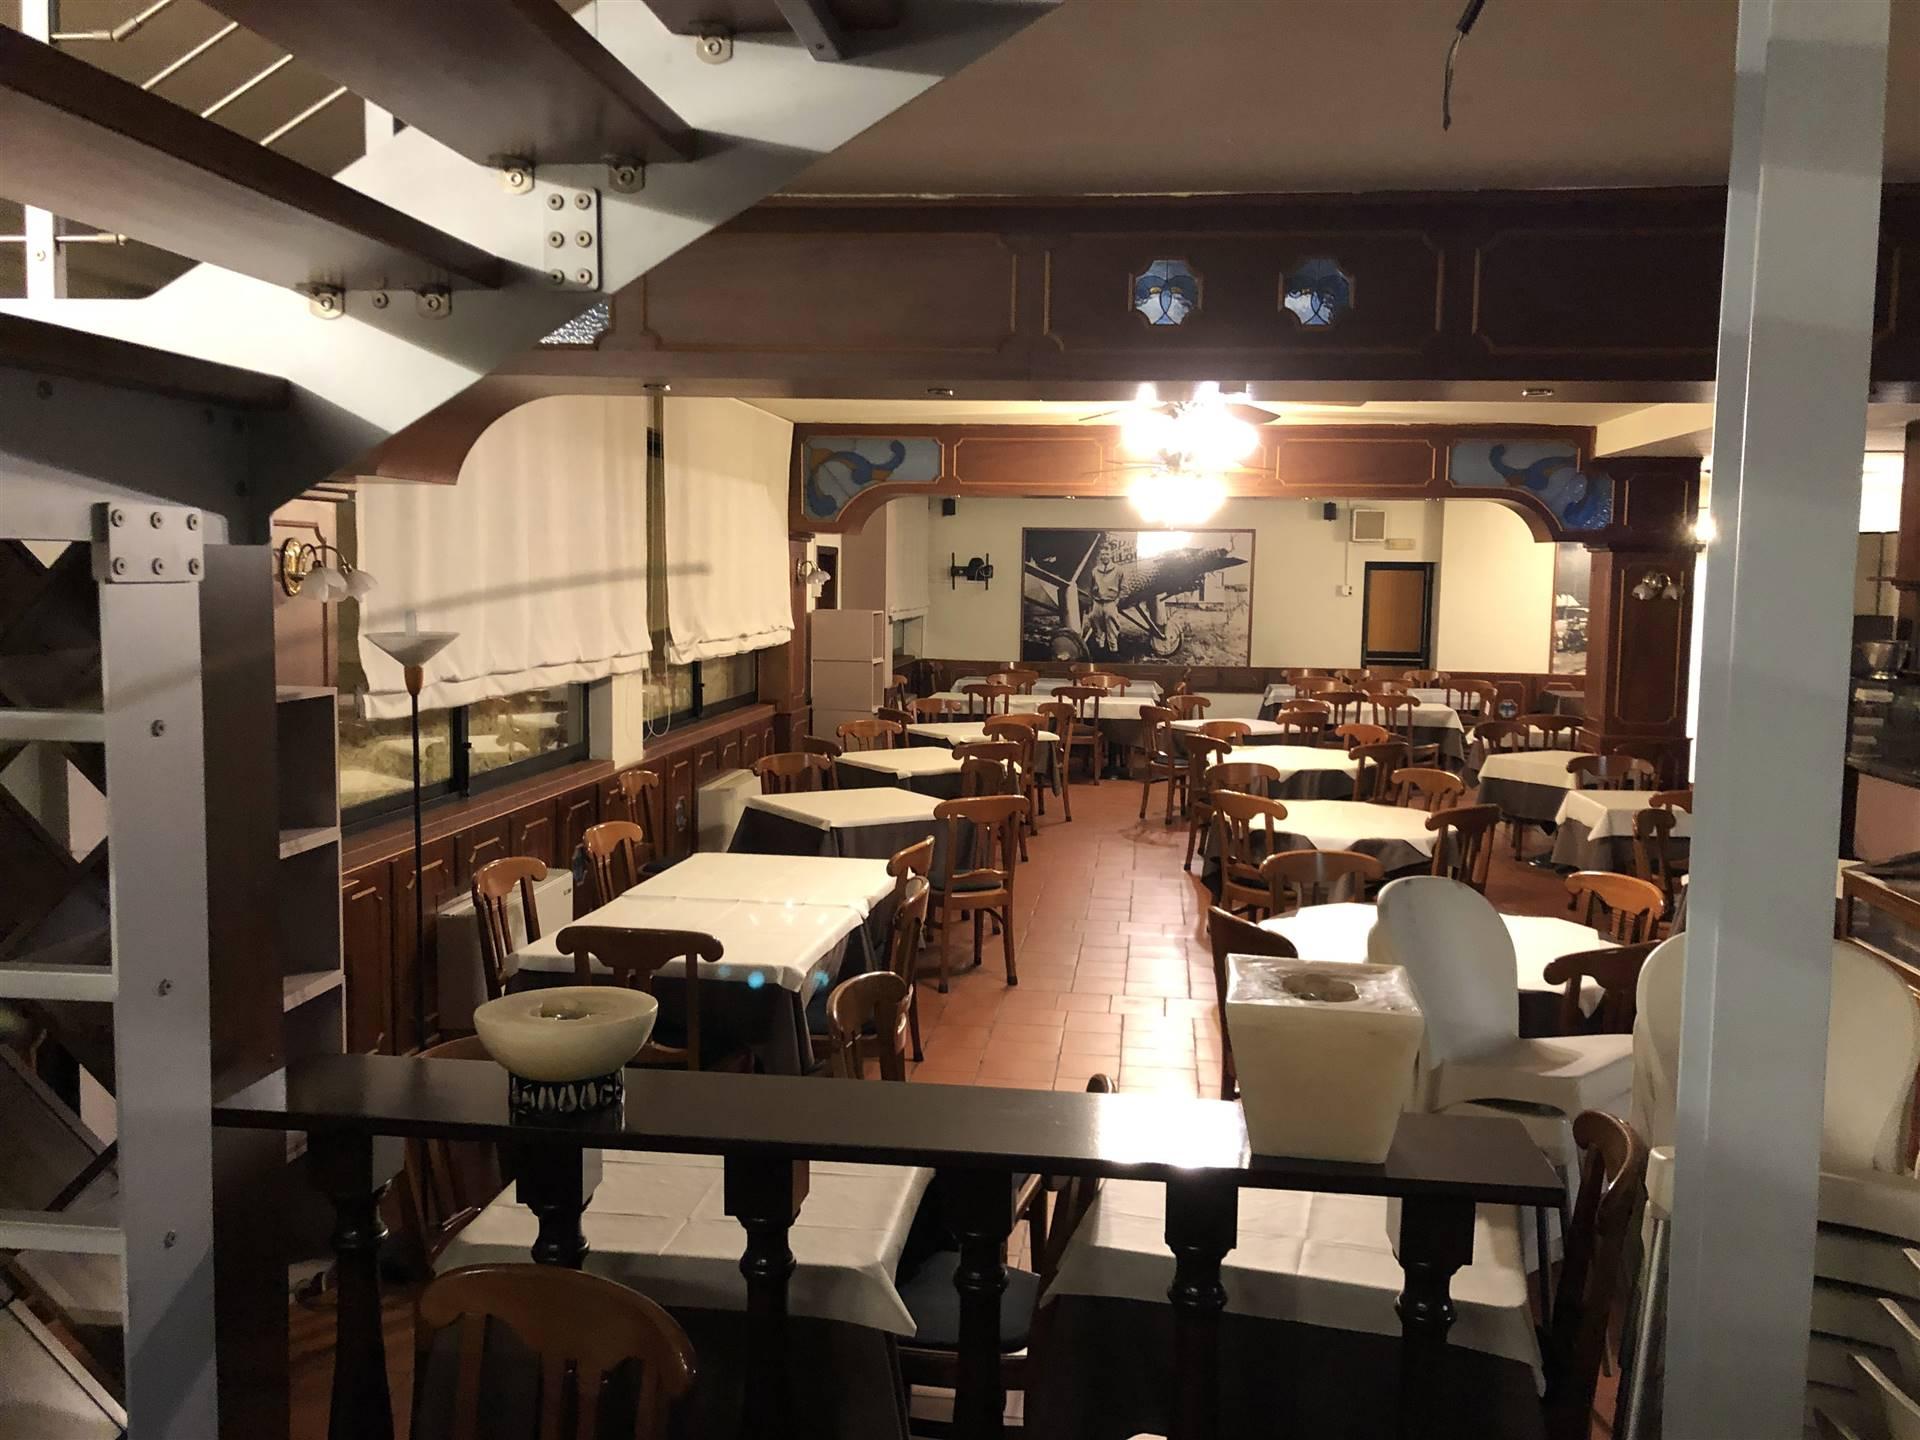 Ristorante / Pizzeria / Trattoria in affitto a Villasanta, 10 locali, prezzo € 6.000 | CambioCasa.it